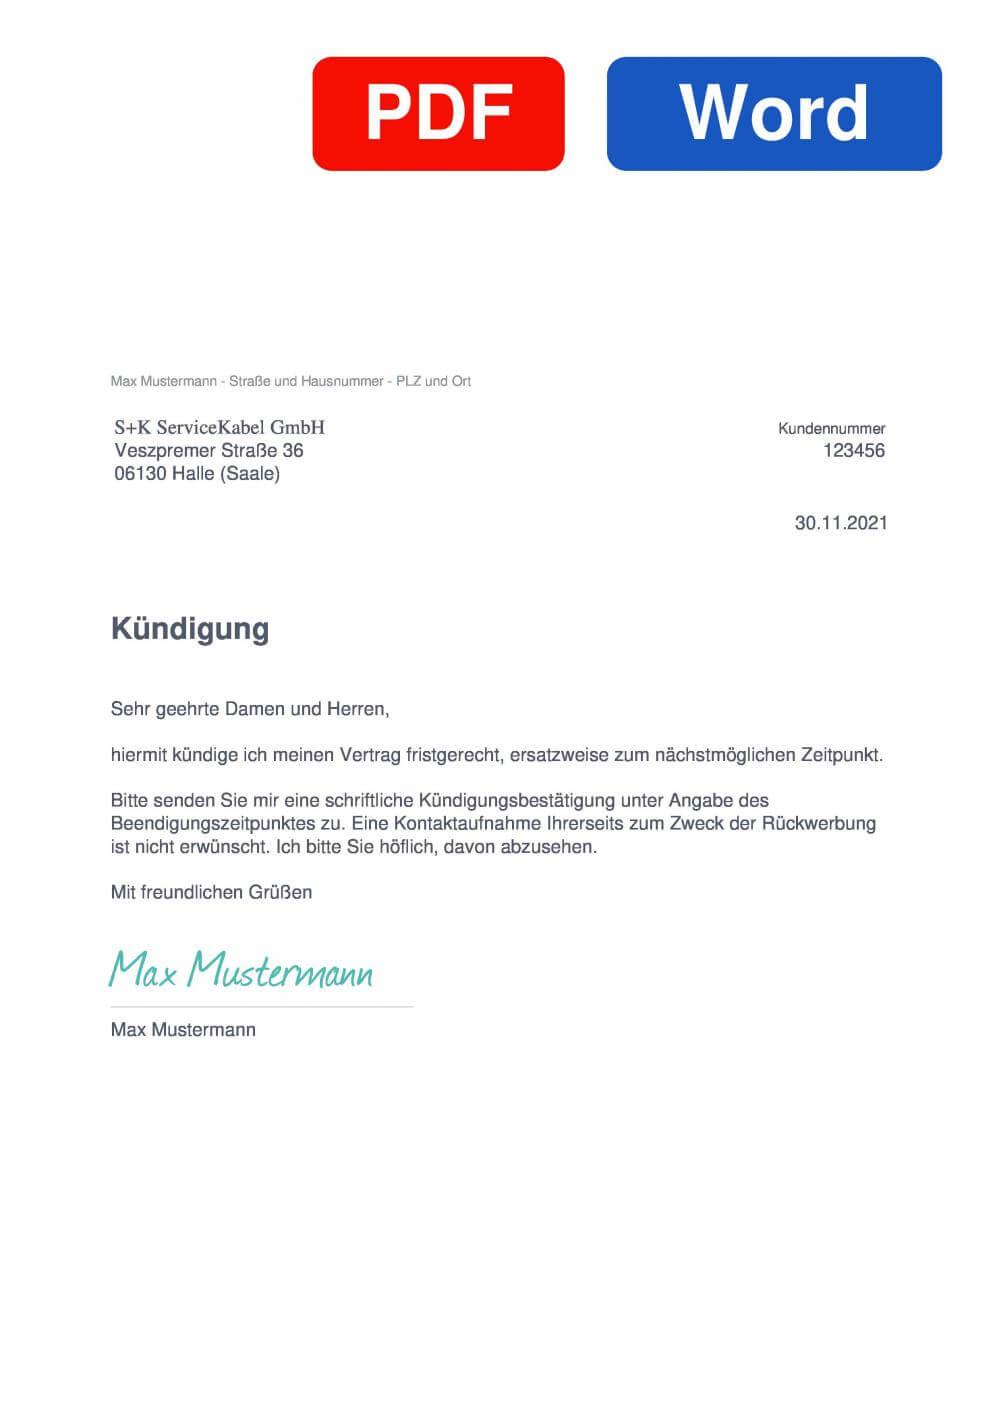 S+K ServiceKabel Muster Vorlage für Kündigungsschreiben